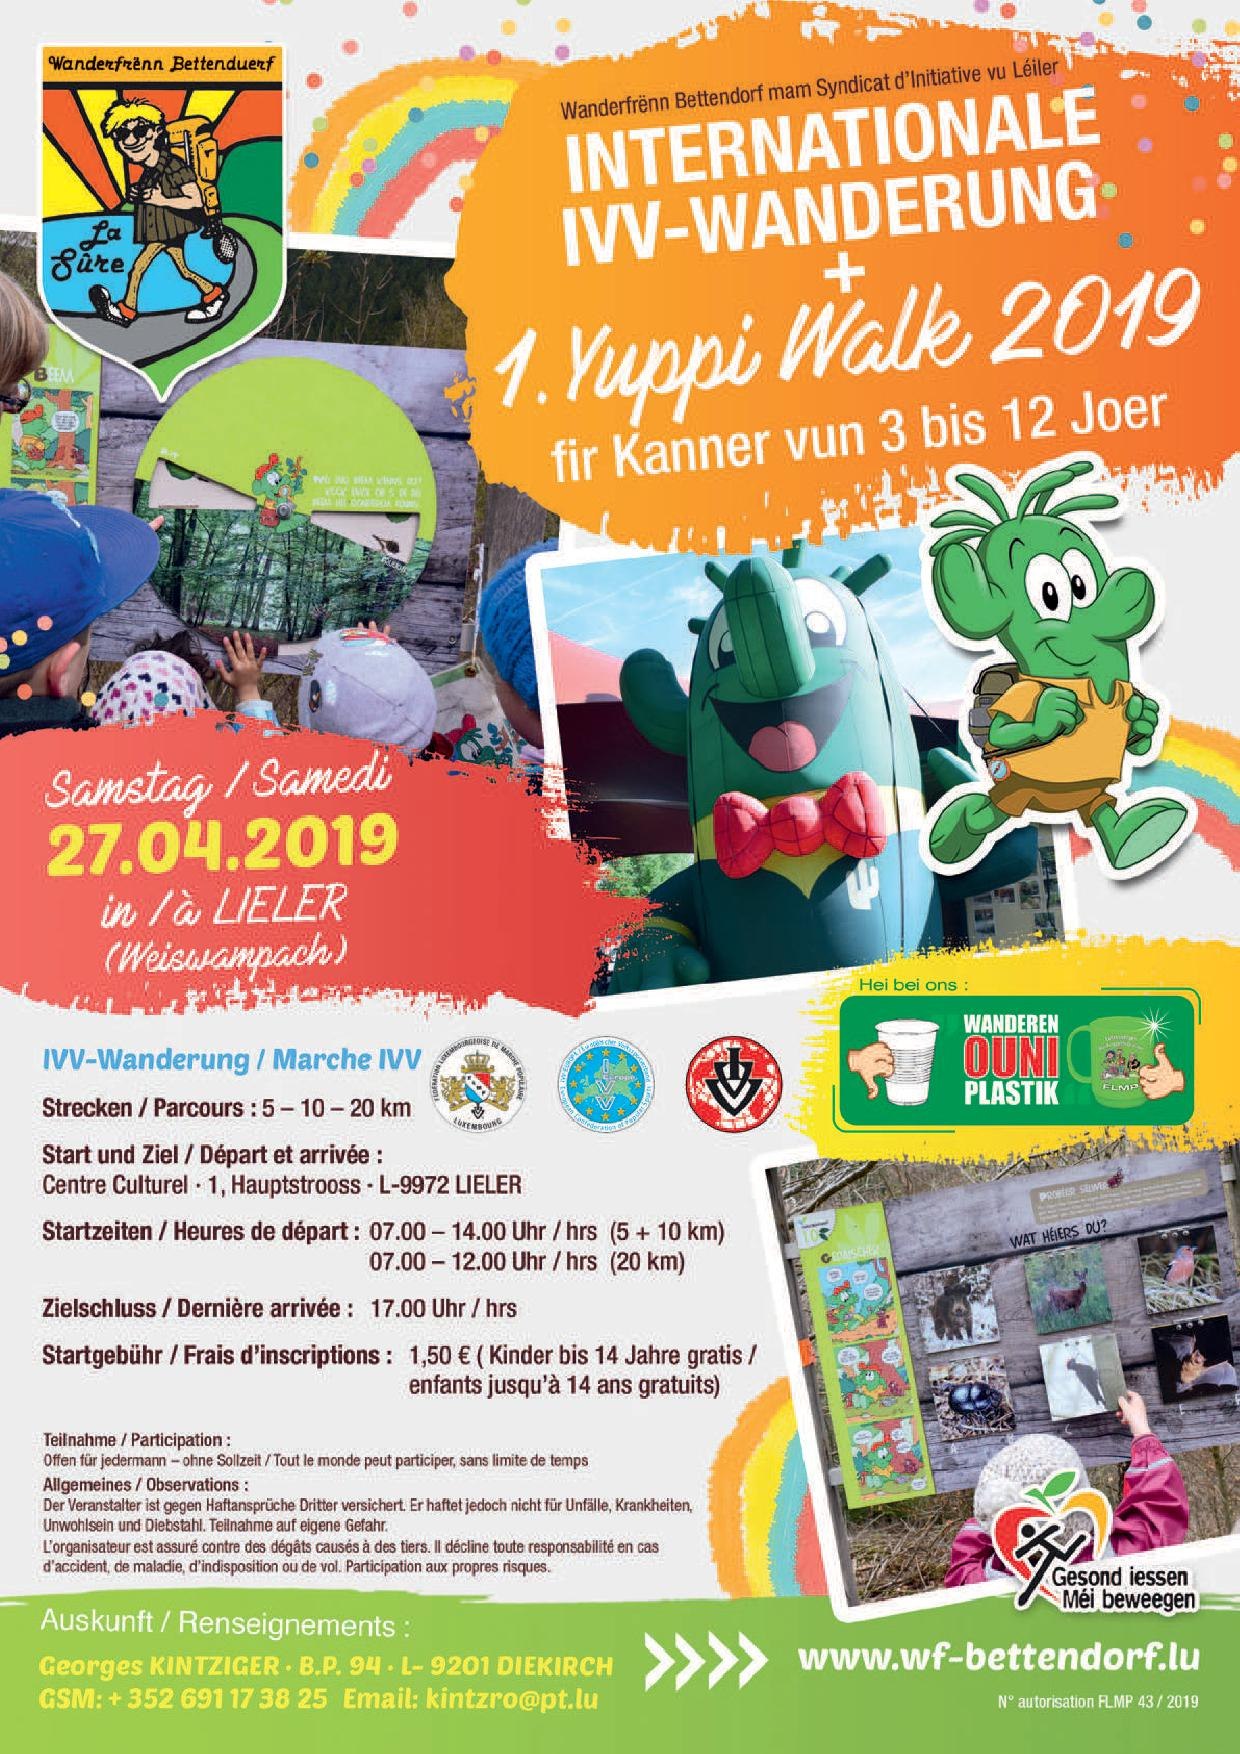 LIELER FLMP IVV WANDERUNG + 1. Yuppi Walk 2019